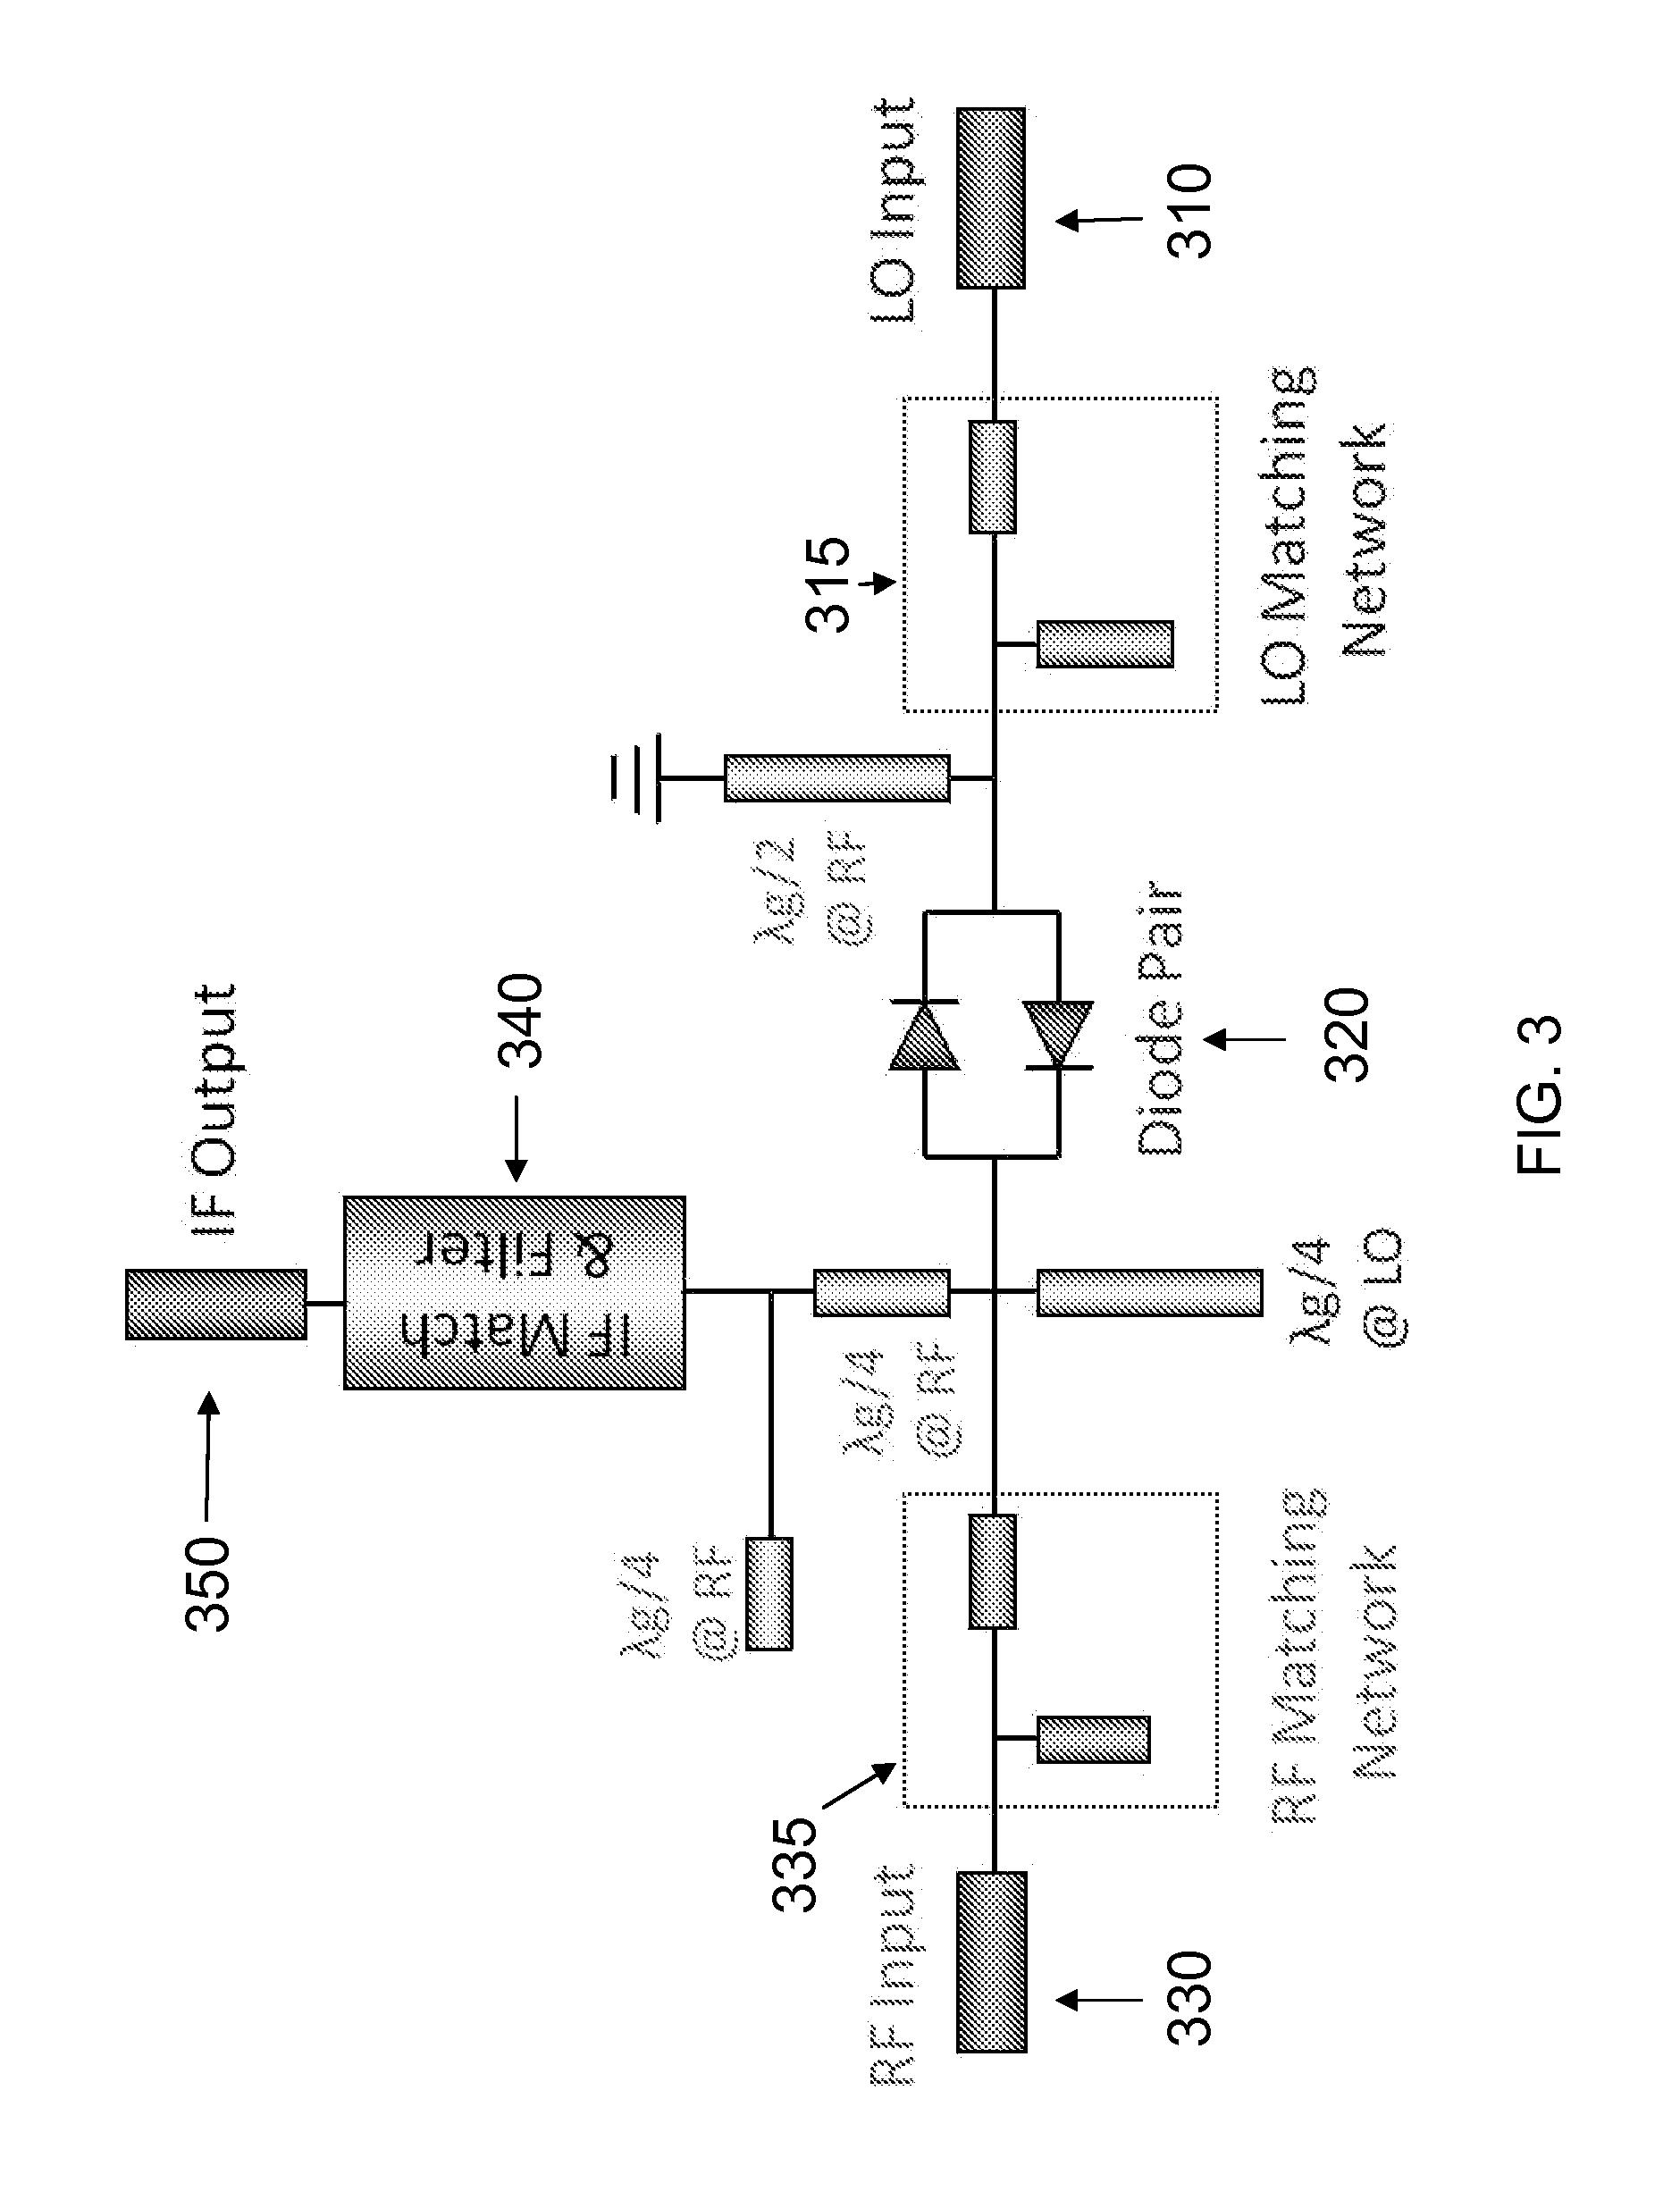 patent us20120280742